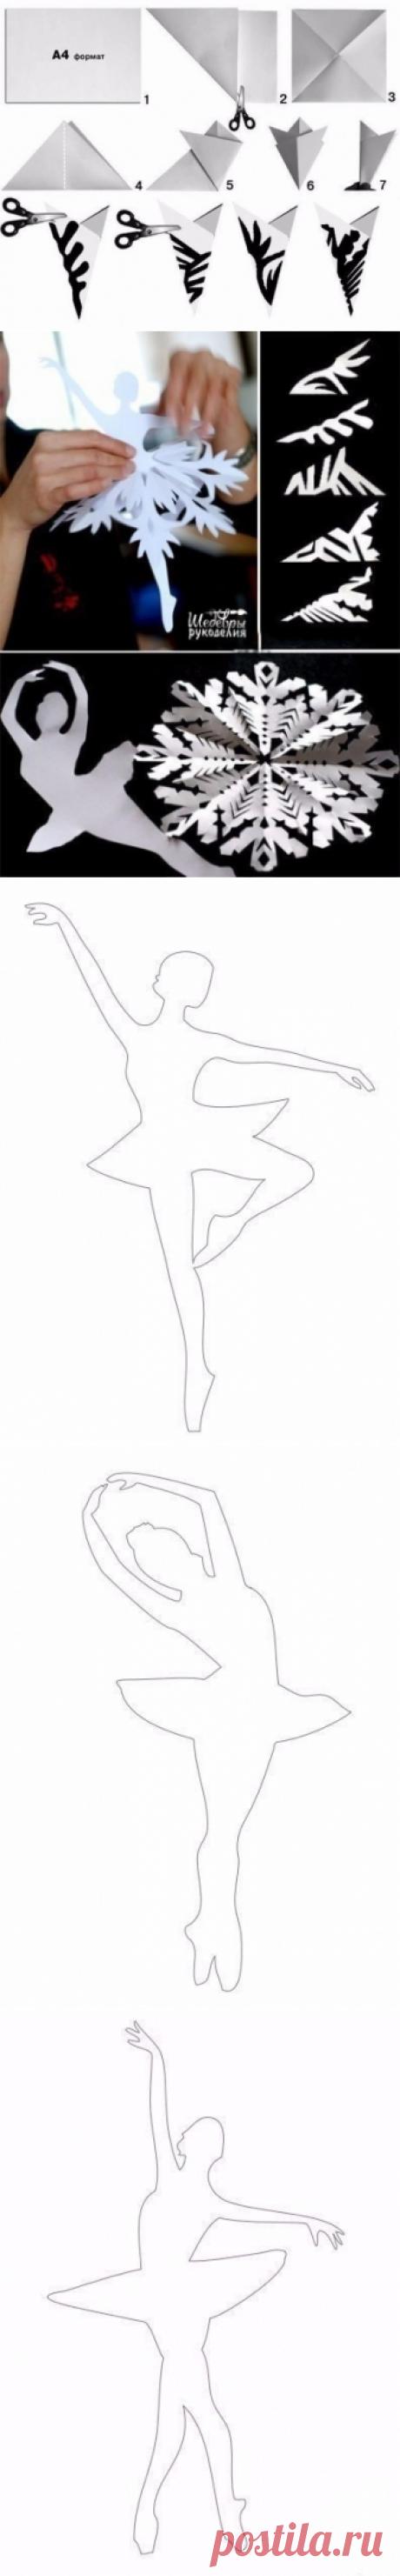 Балерины . - Поделки с детьми   Деткиподелки